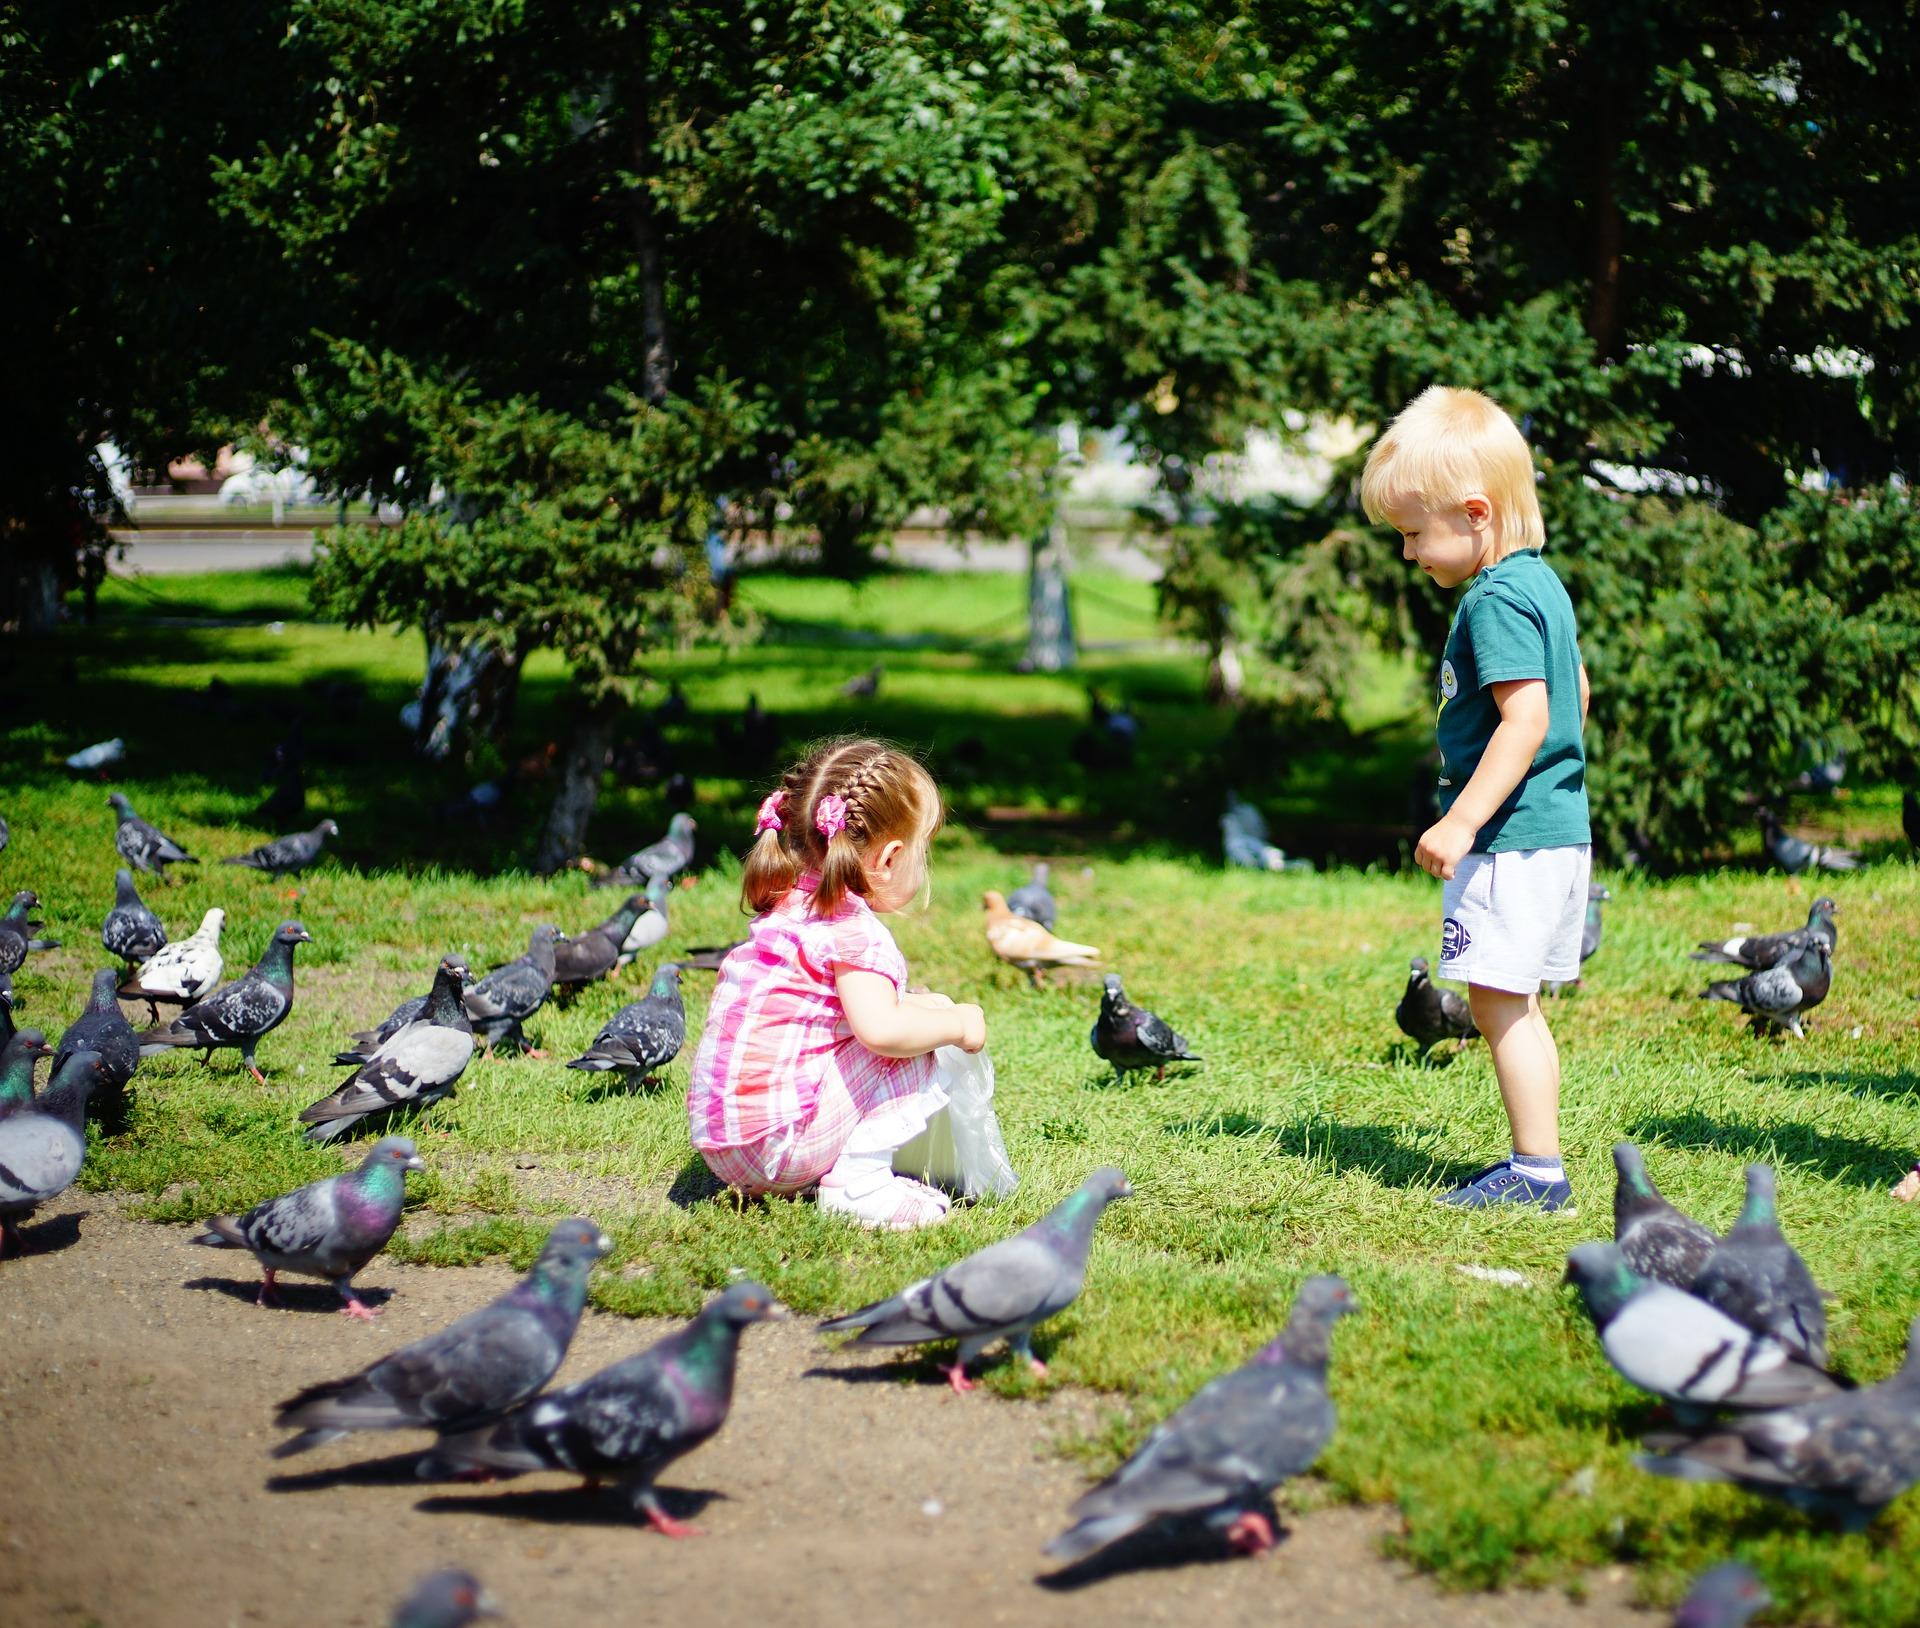 Allez voir les animaux de la ville si vous habitez en ville, les pigeons aussi ont le droit à leur quart d'heure de gloire.